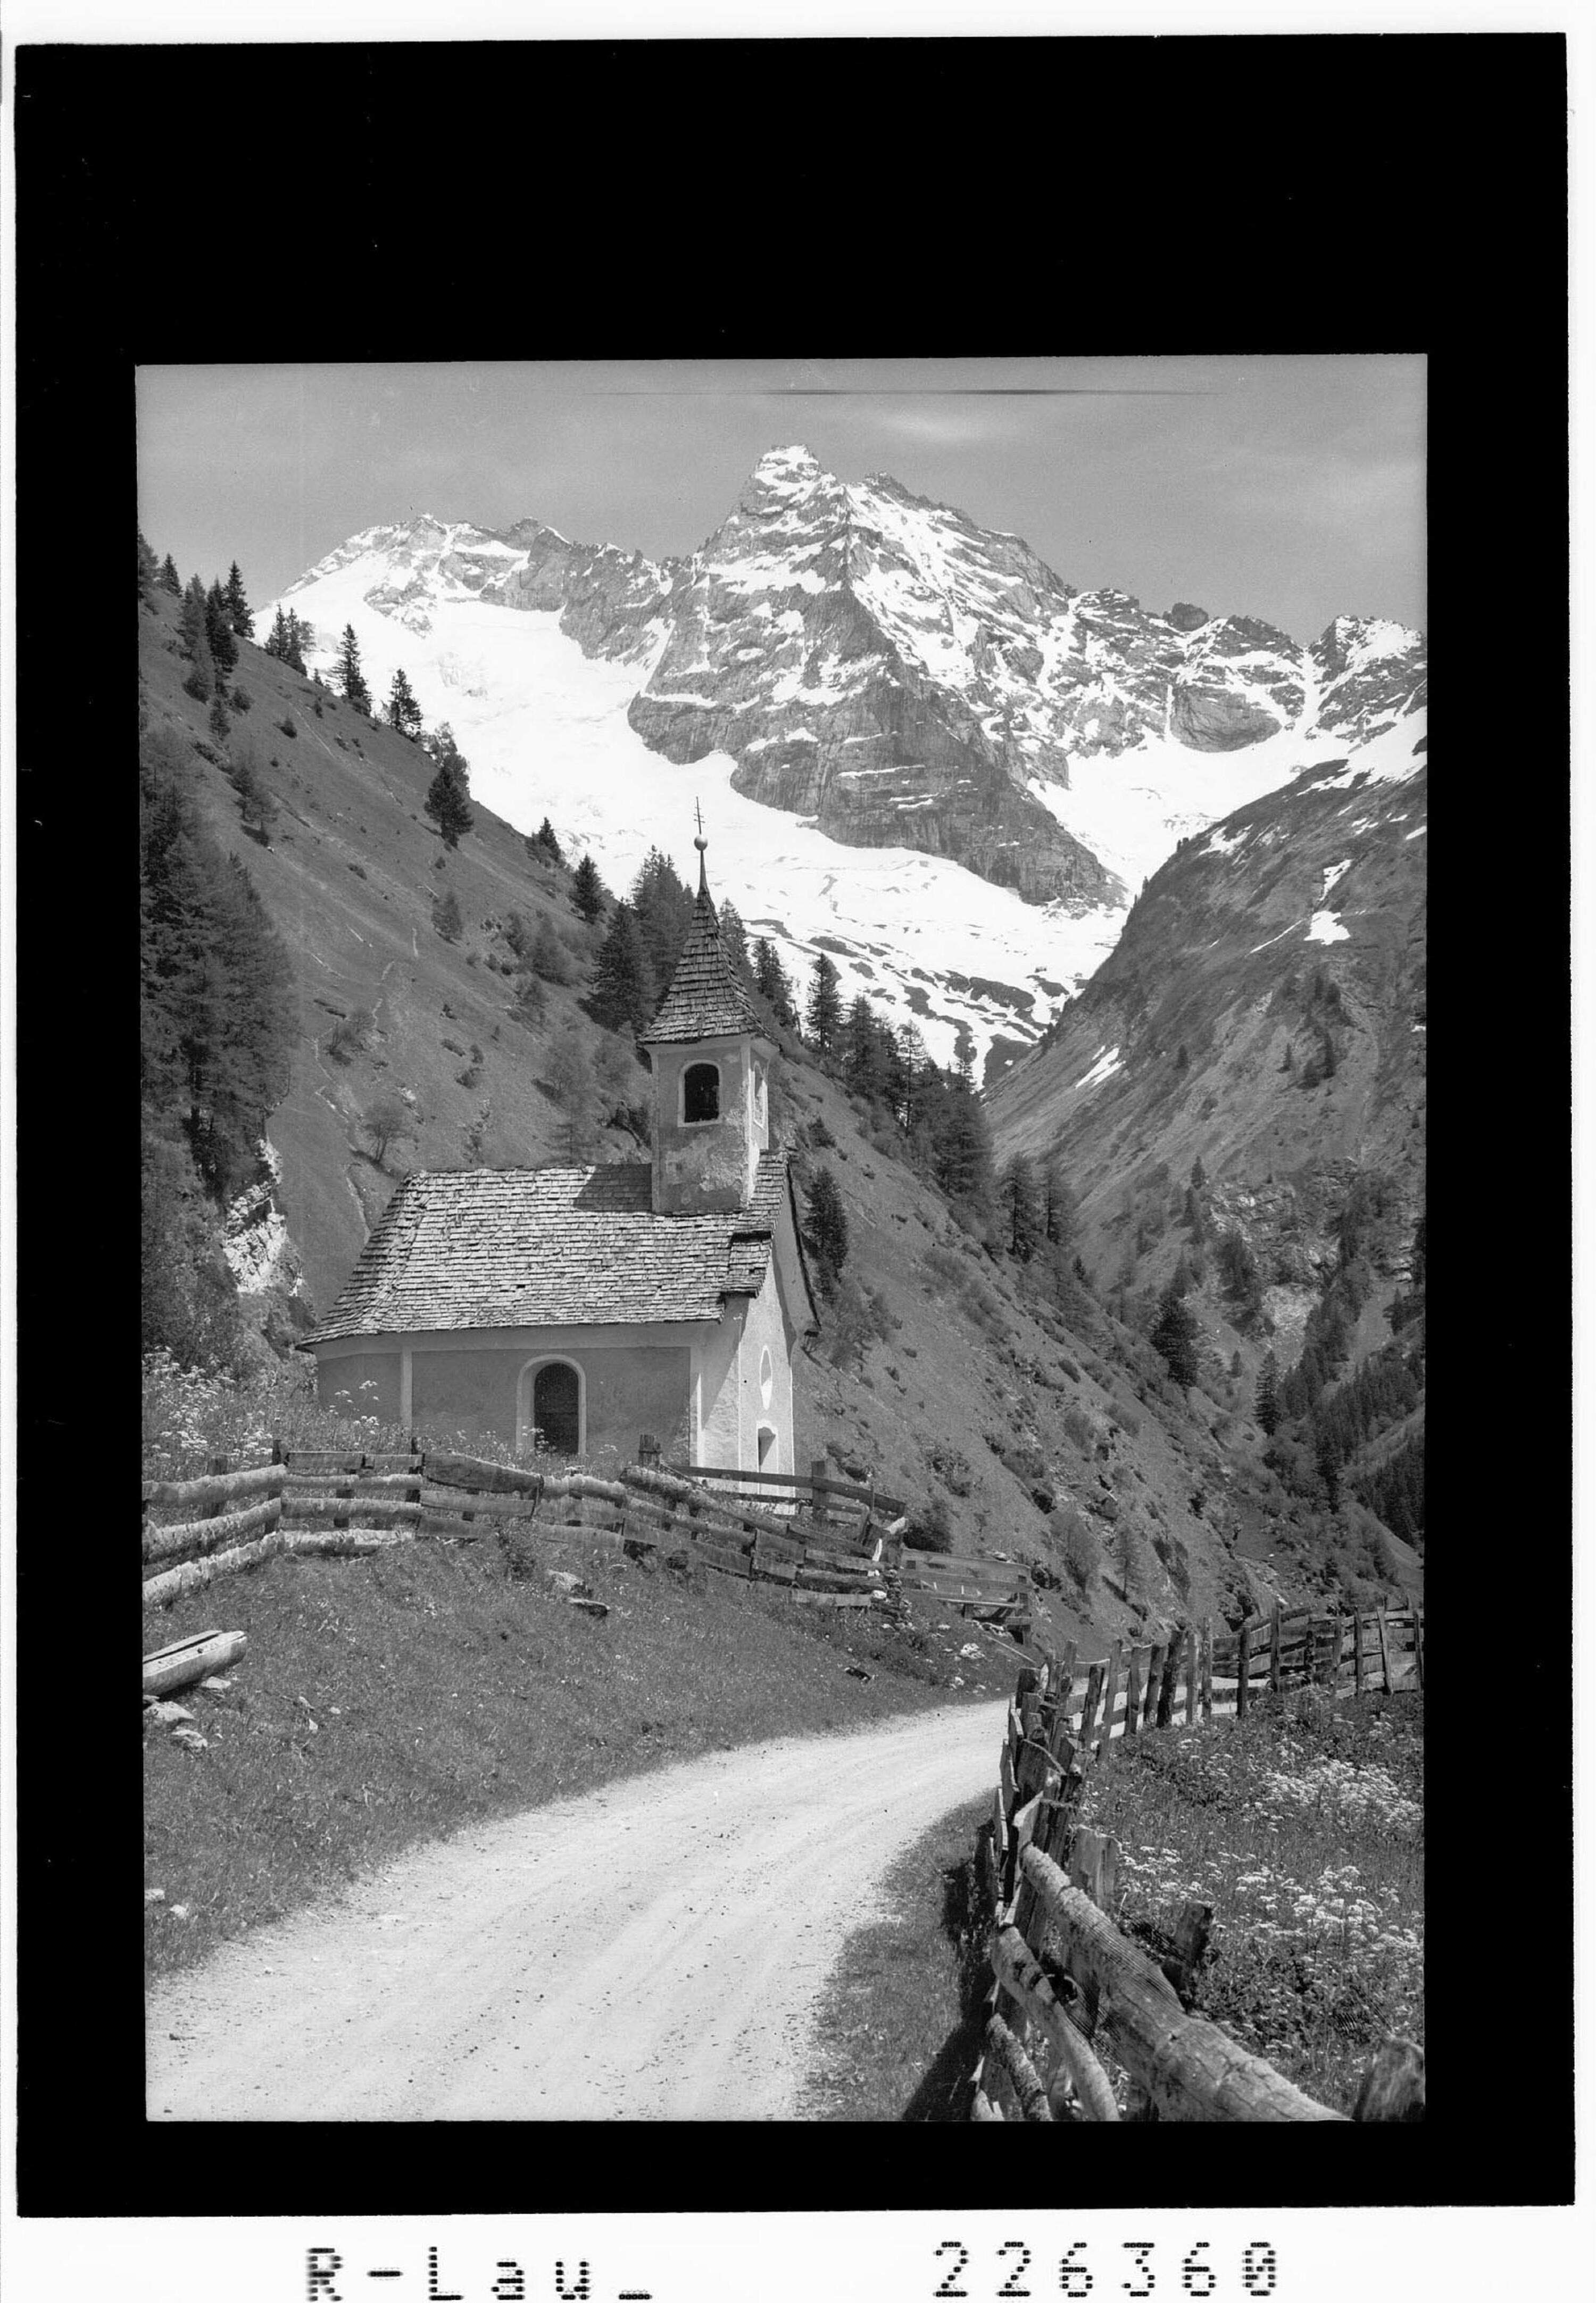 Vals / Kellerkapelle gegen Olperer 3480 m und Fußstein 3381 m von Wilhelm Stempfle